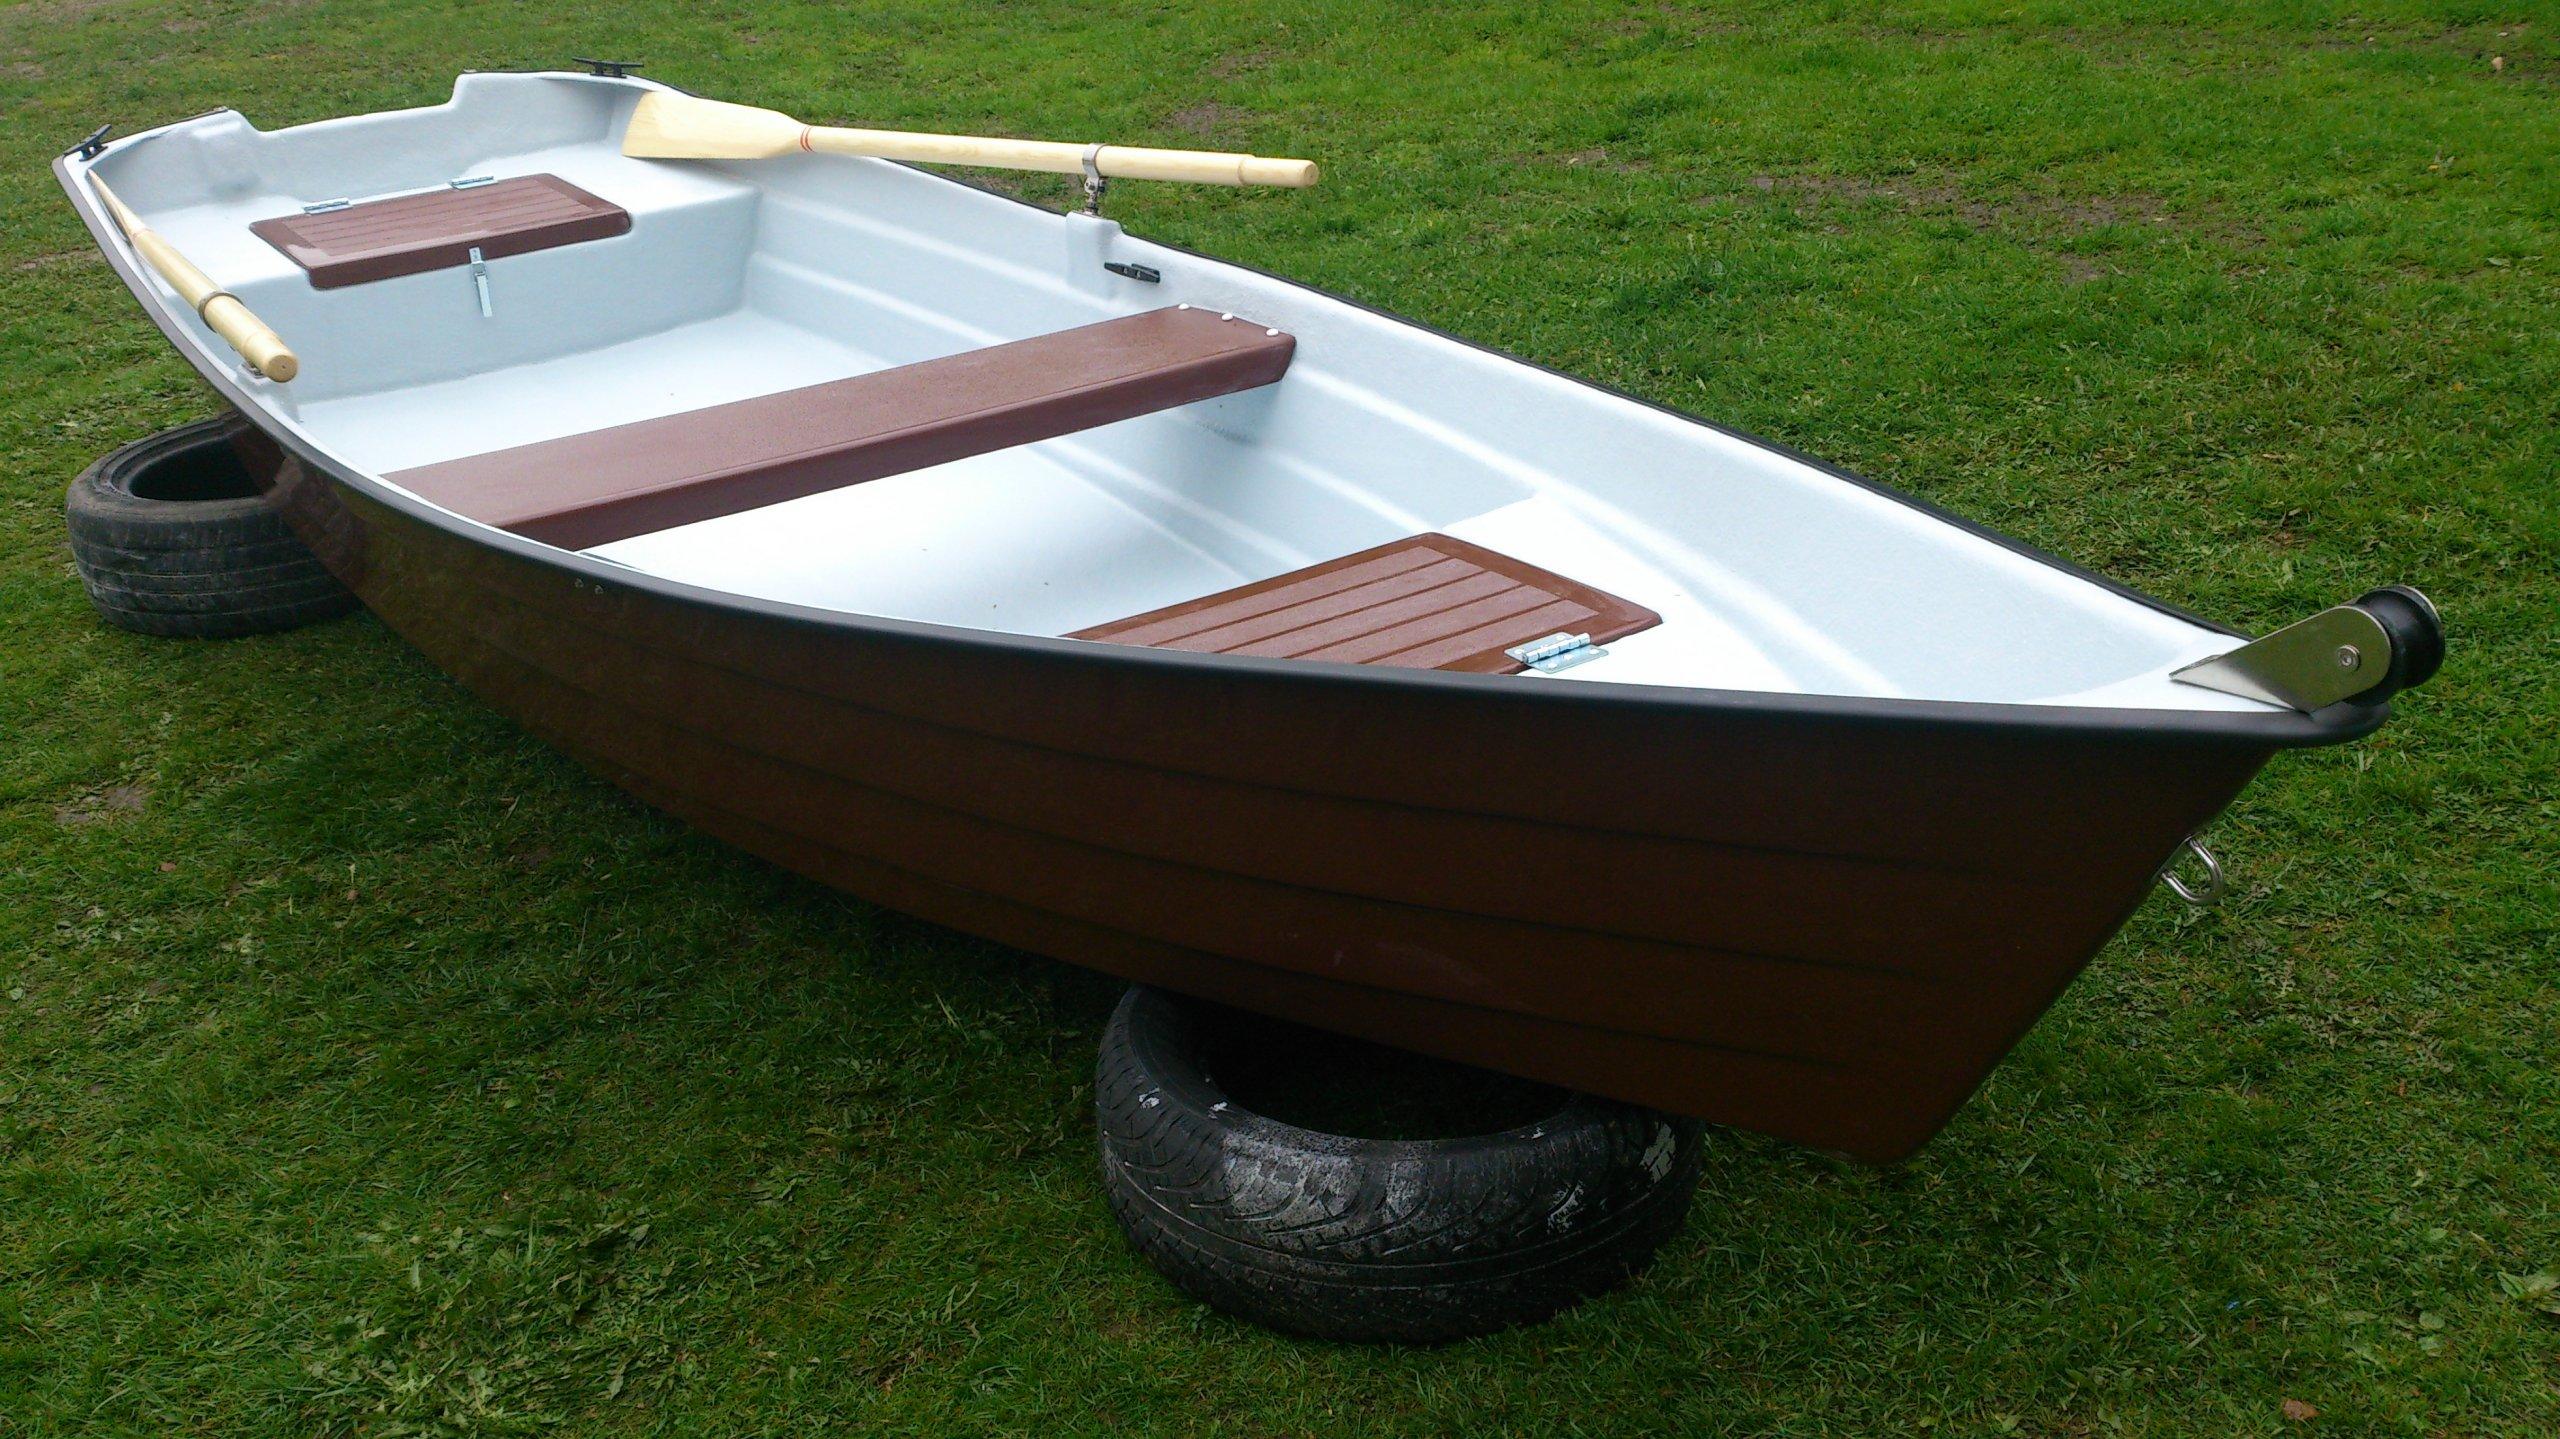 Łódka wędkarska 4.2m nowa łódź wioslowa